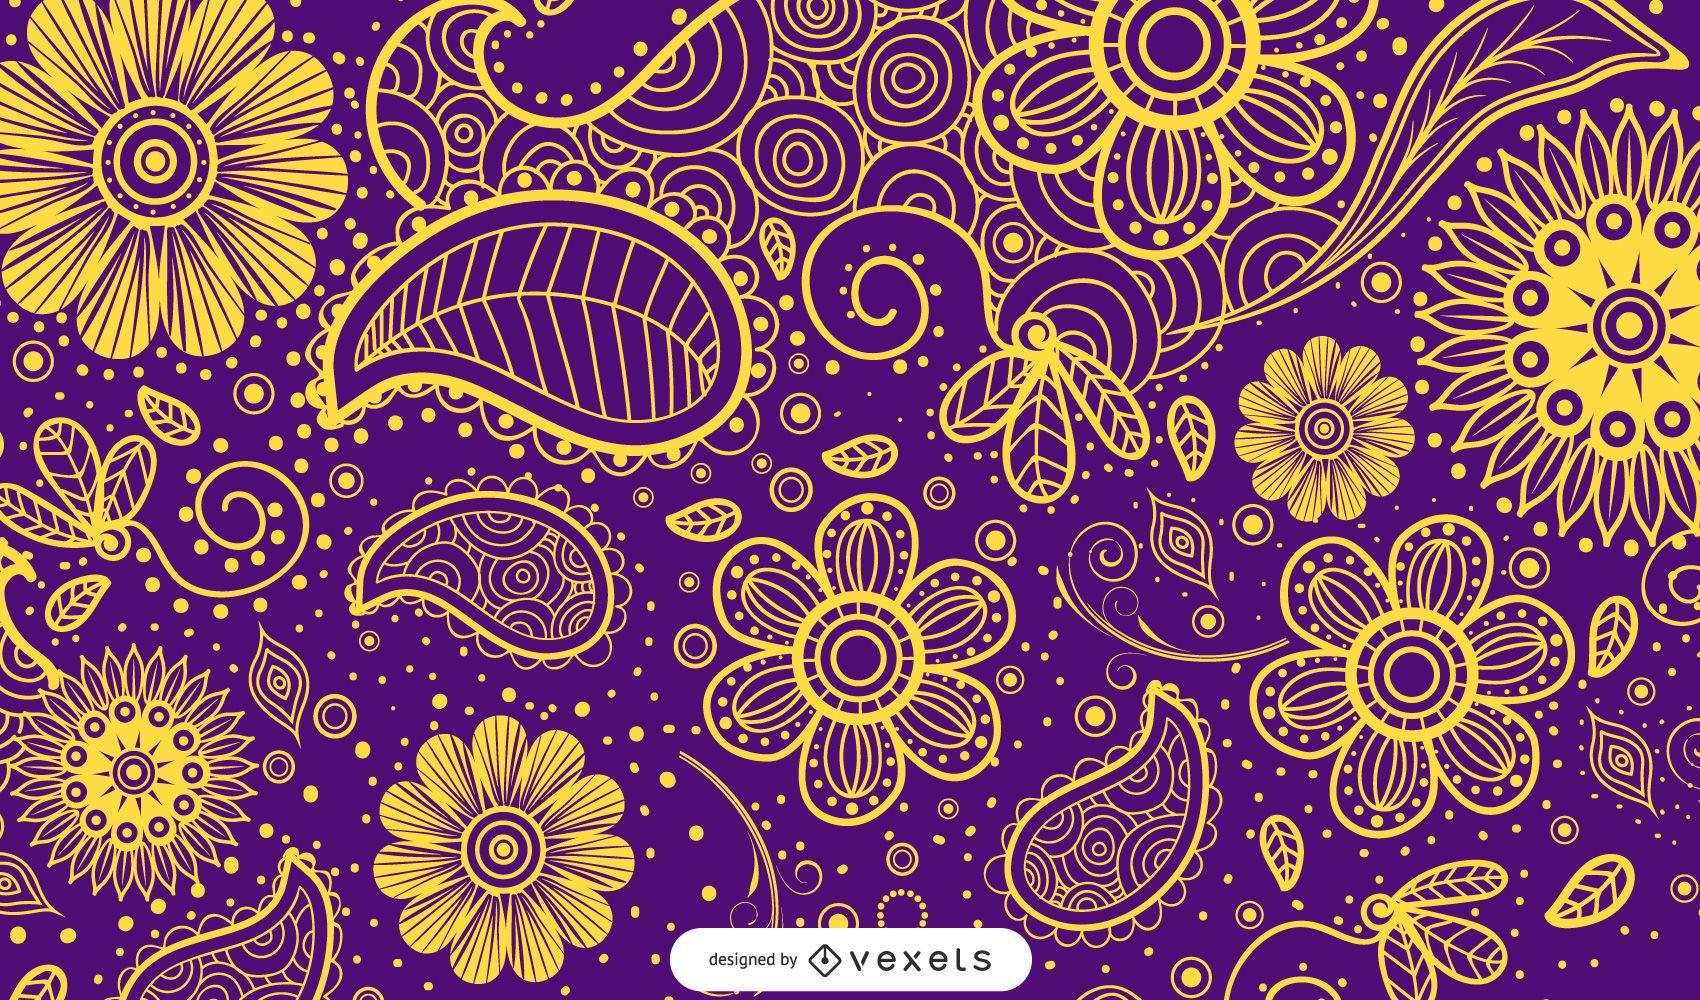 Desenho paisley ilustrado em várias cores